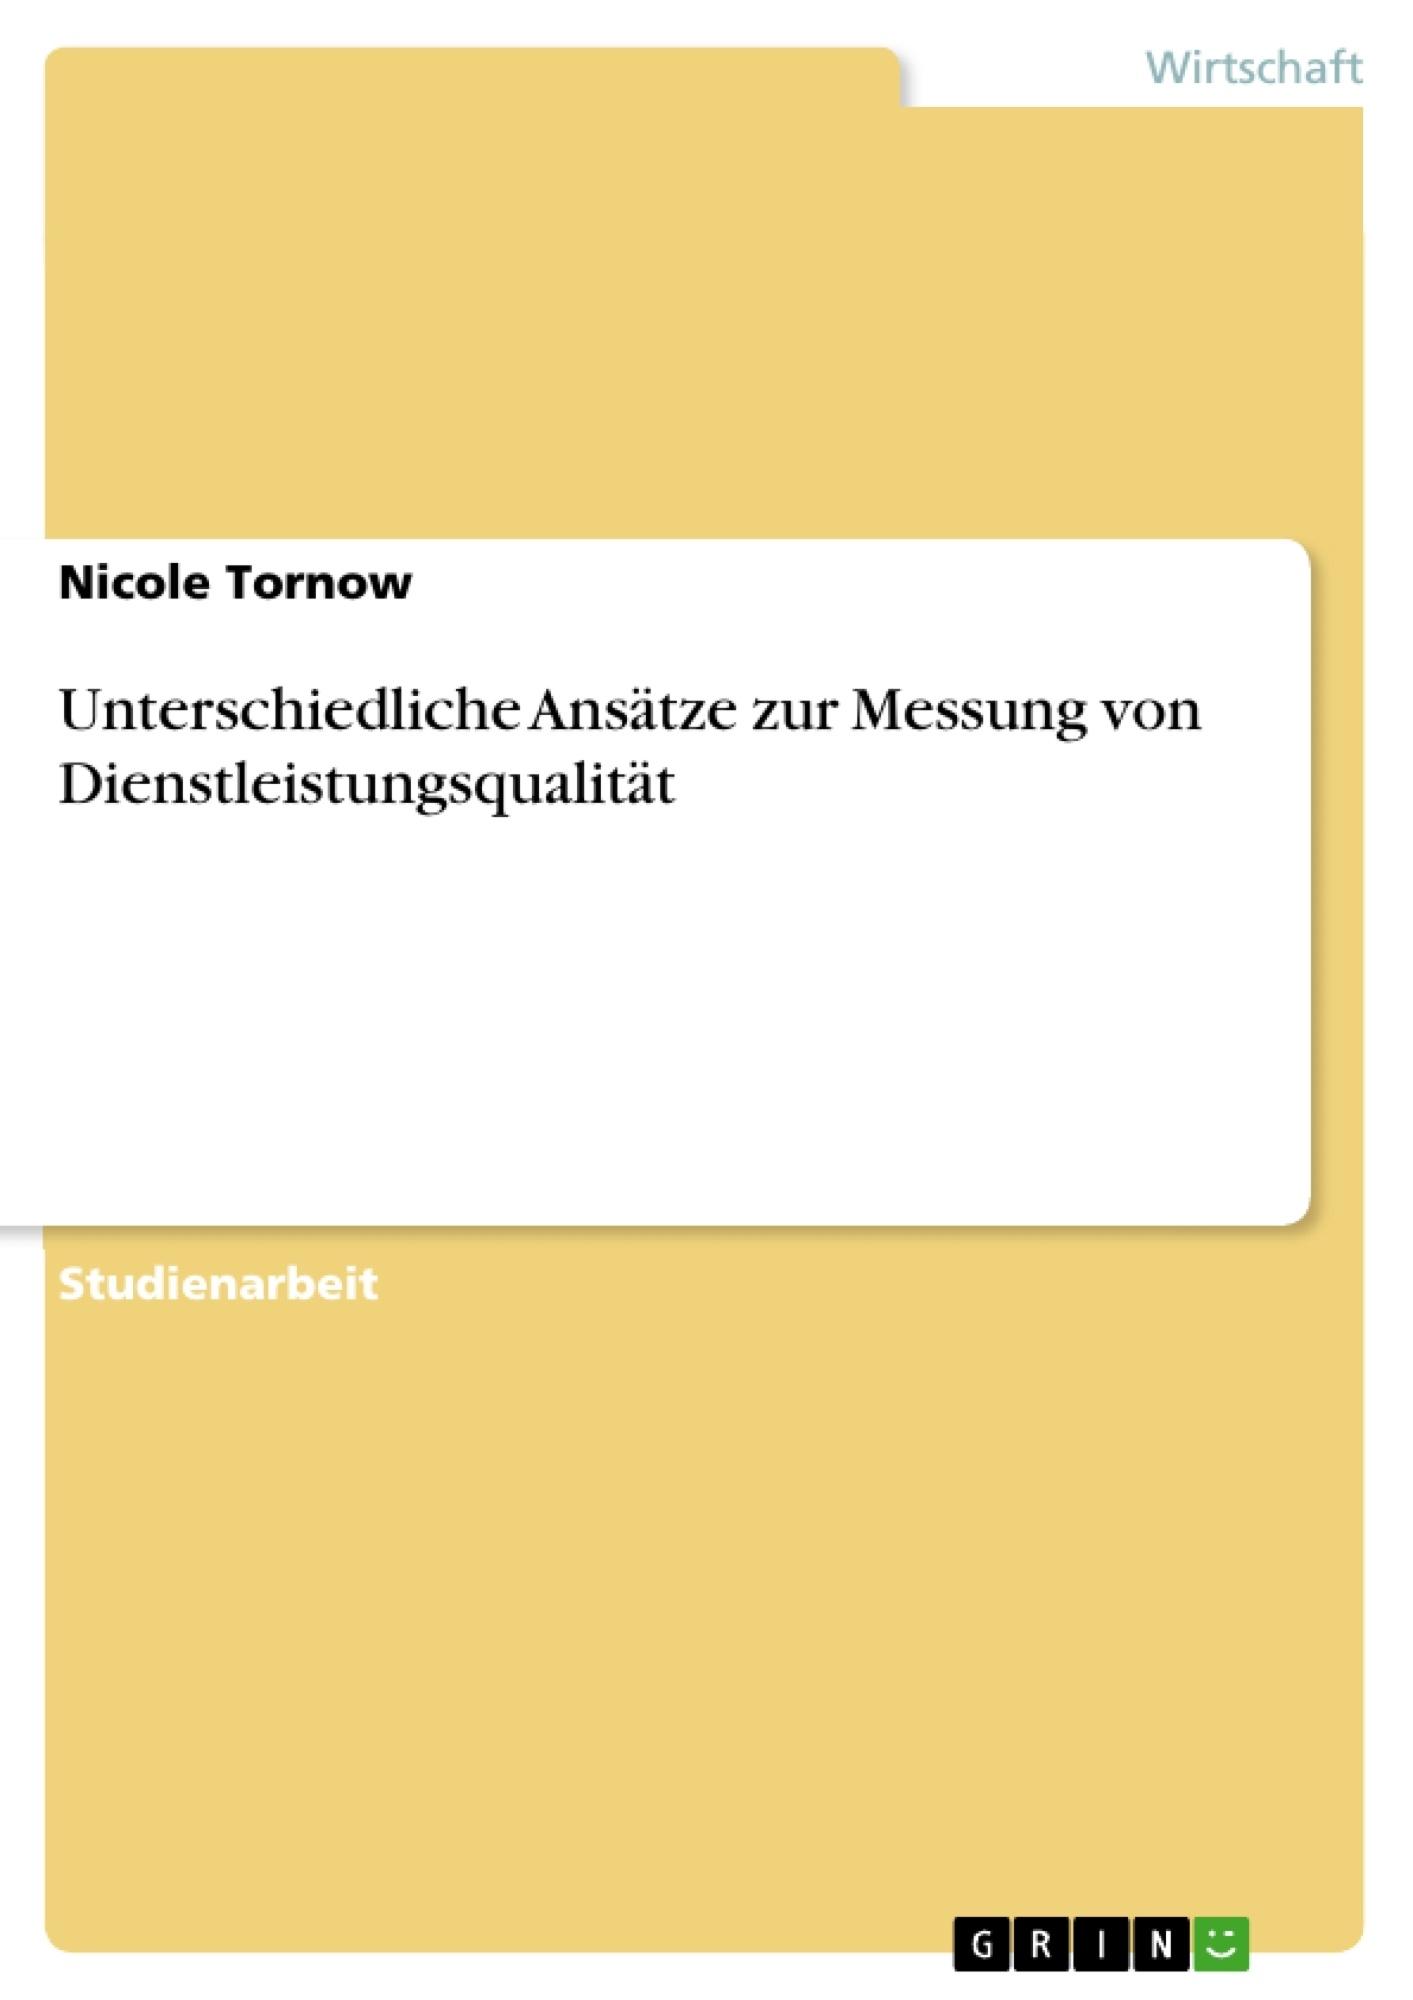 Titel: Unterschiedliche Ansätze zur Messung von Dienstleistungsqualität